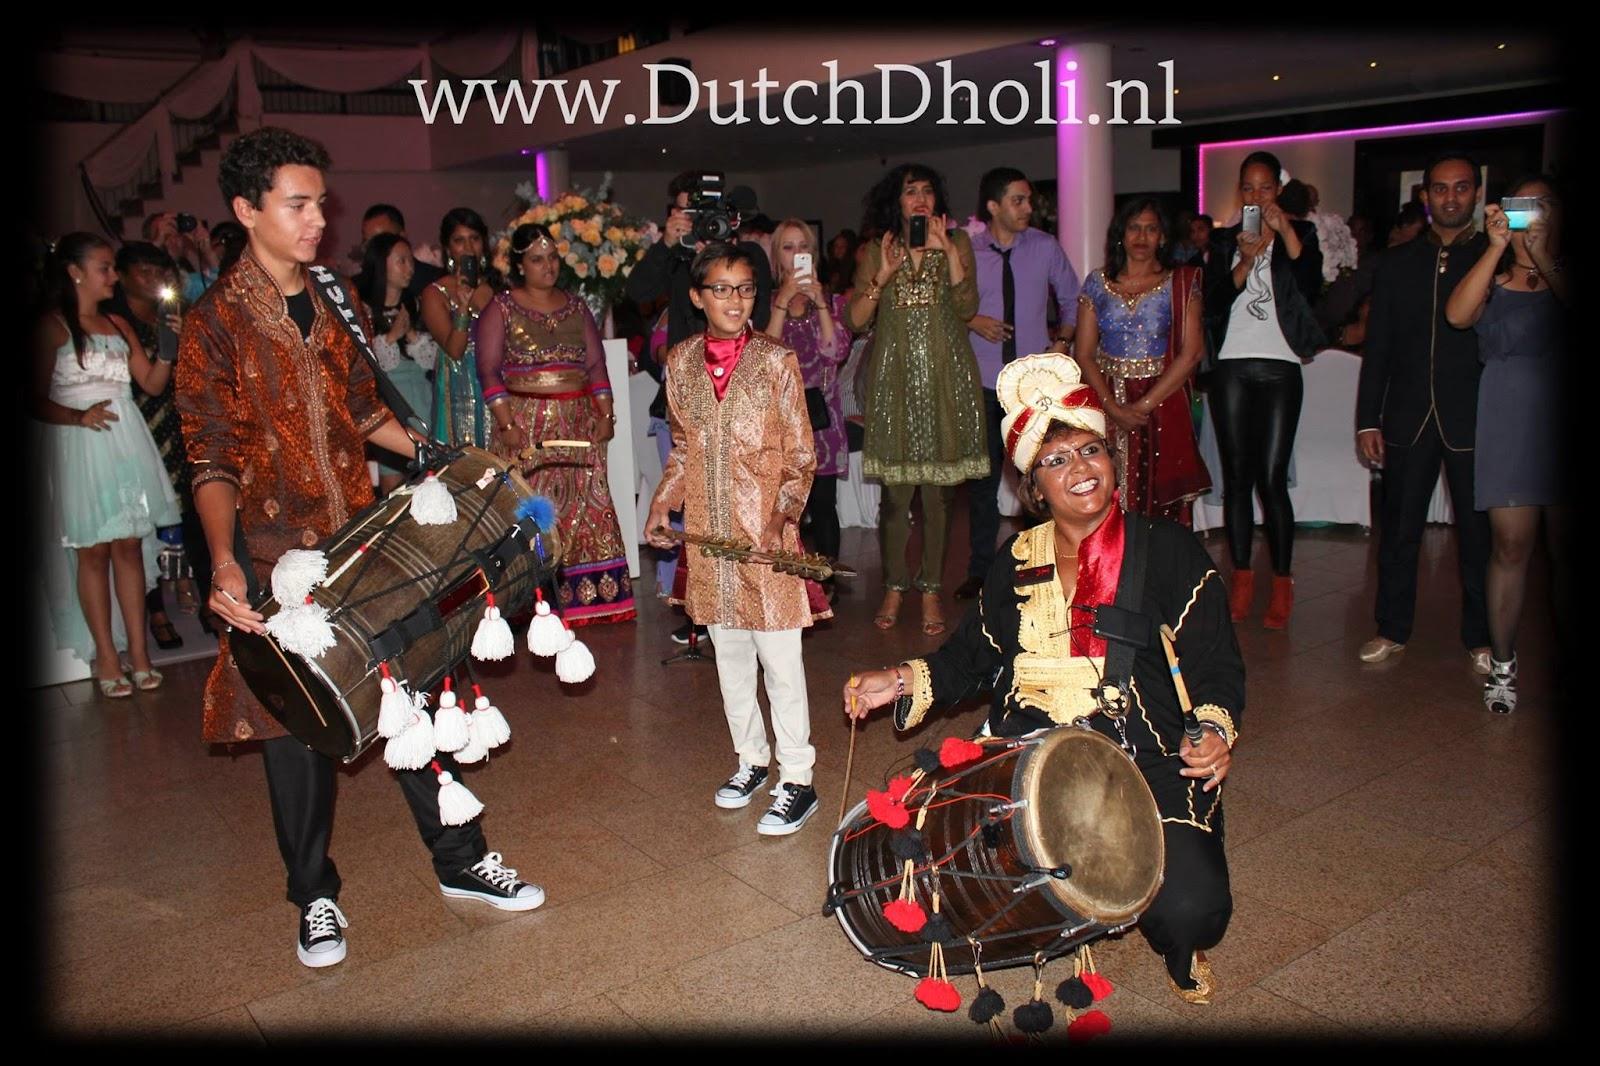 Voor Live Dhol Entertainment op maat!